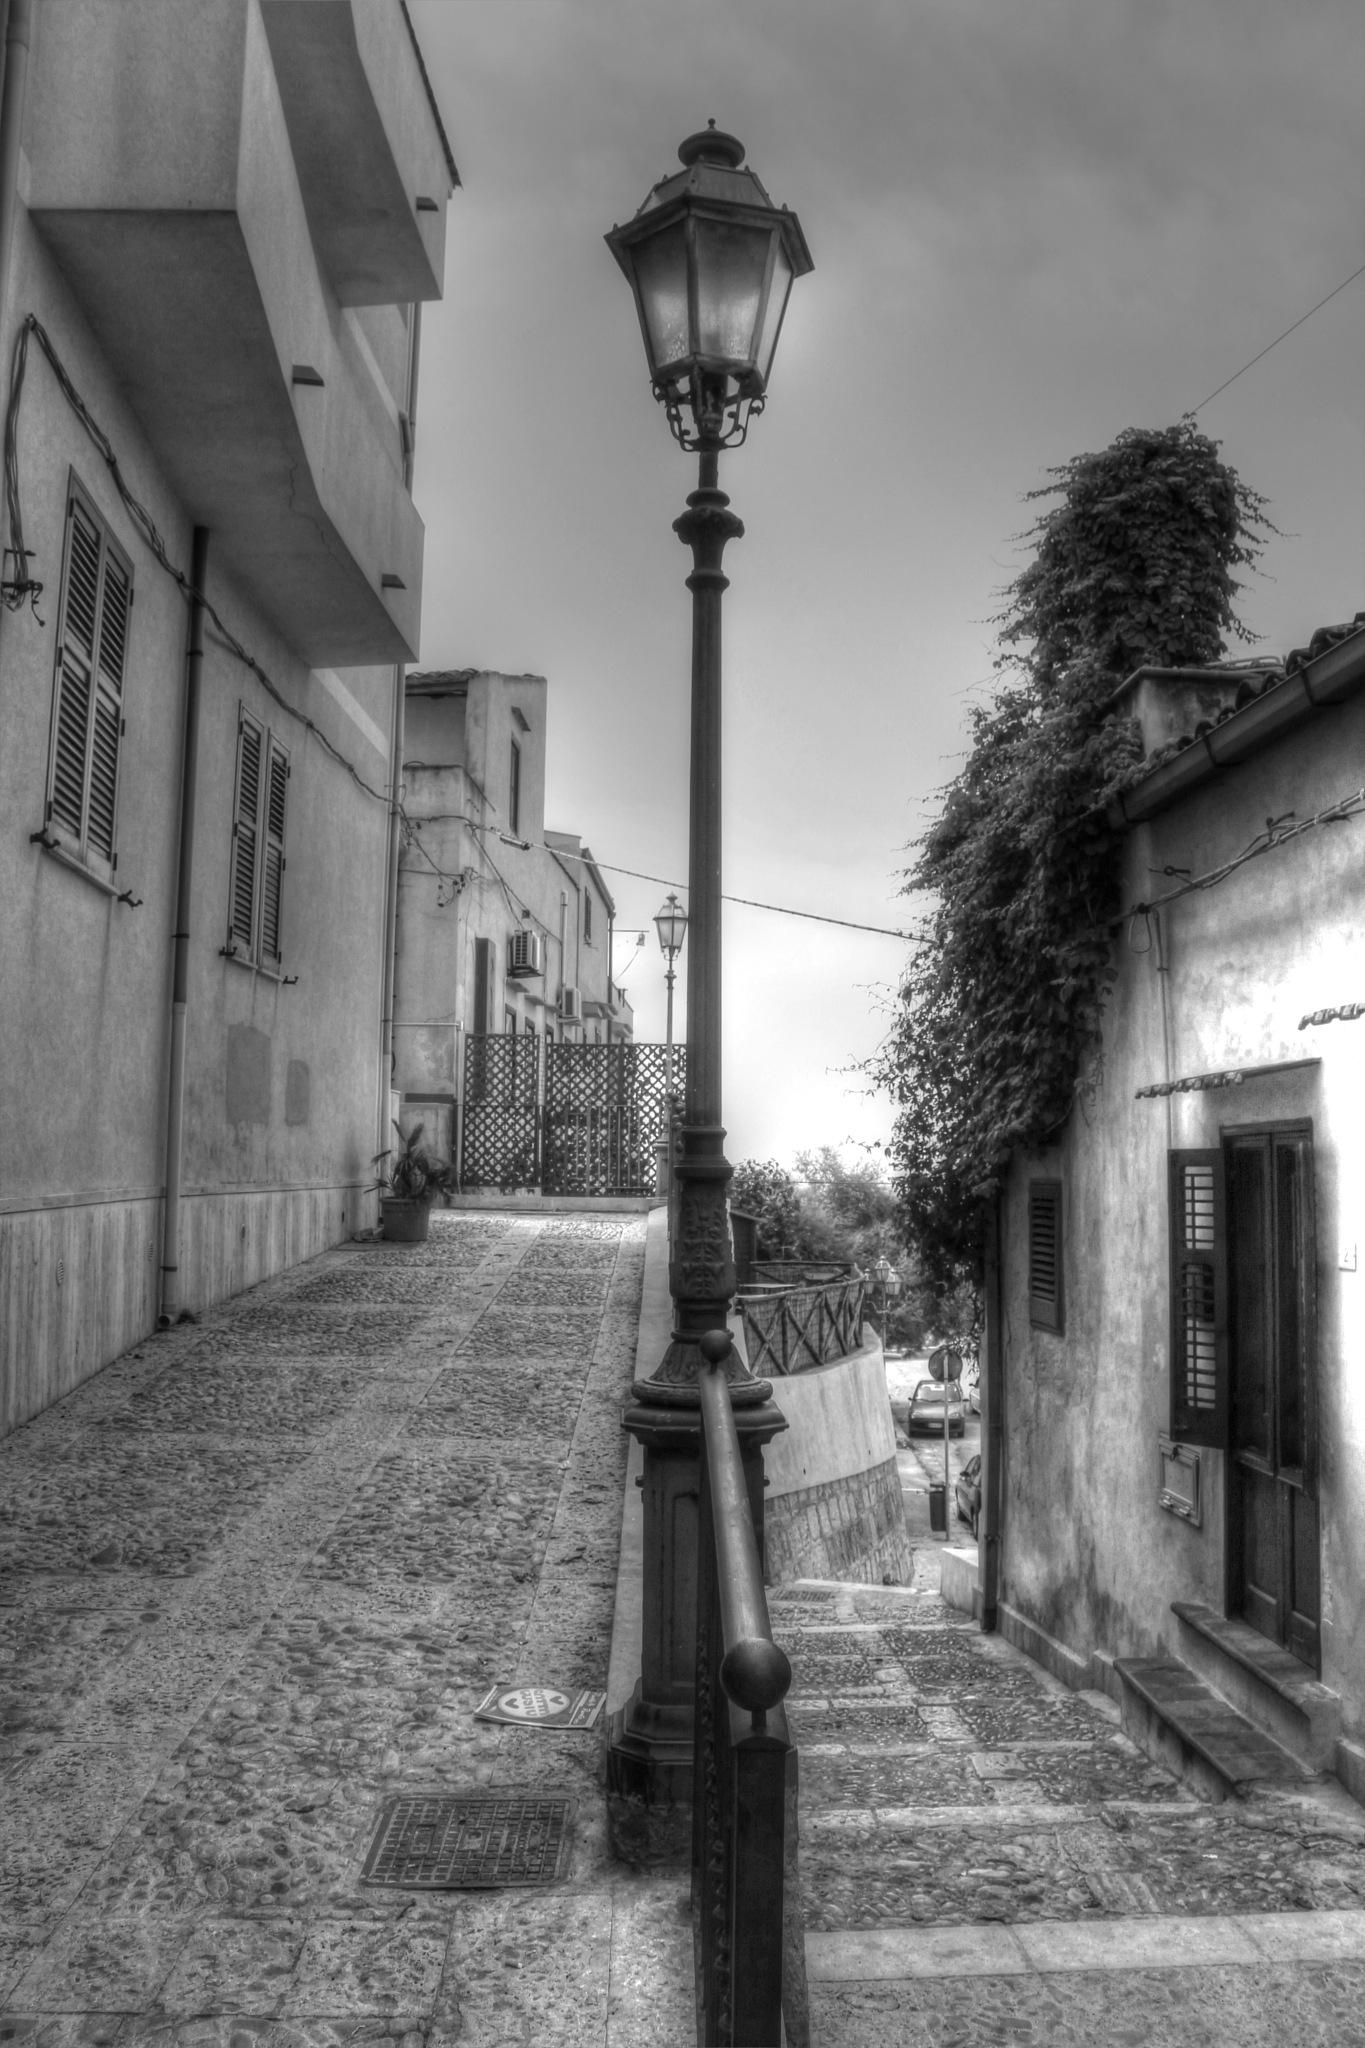 Trappeto (PA) Sicilia - Centro Storico  by giovanni battista la fata